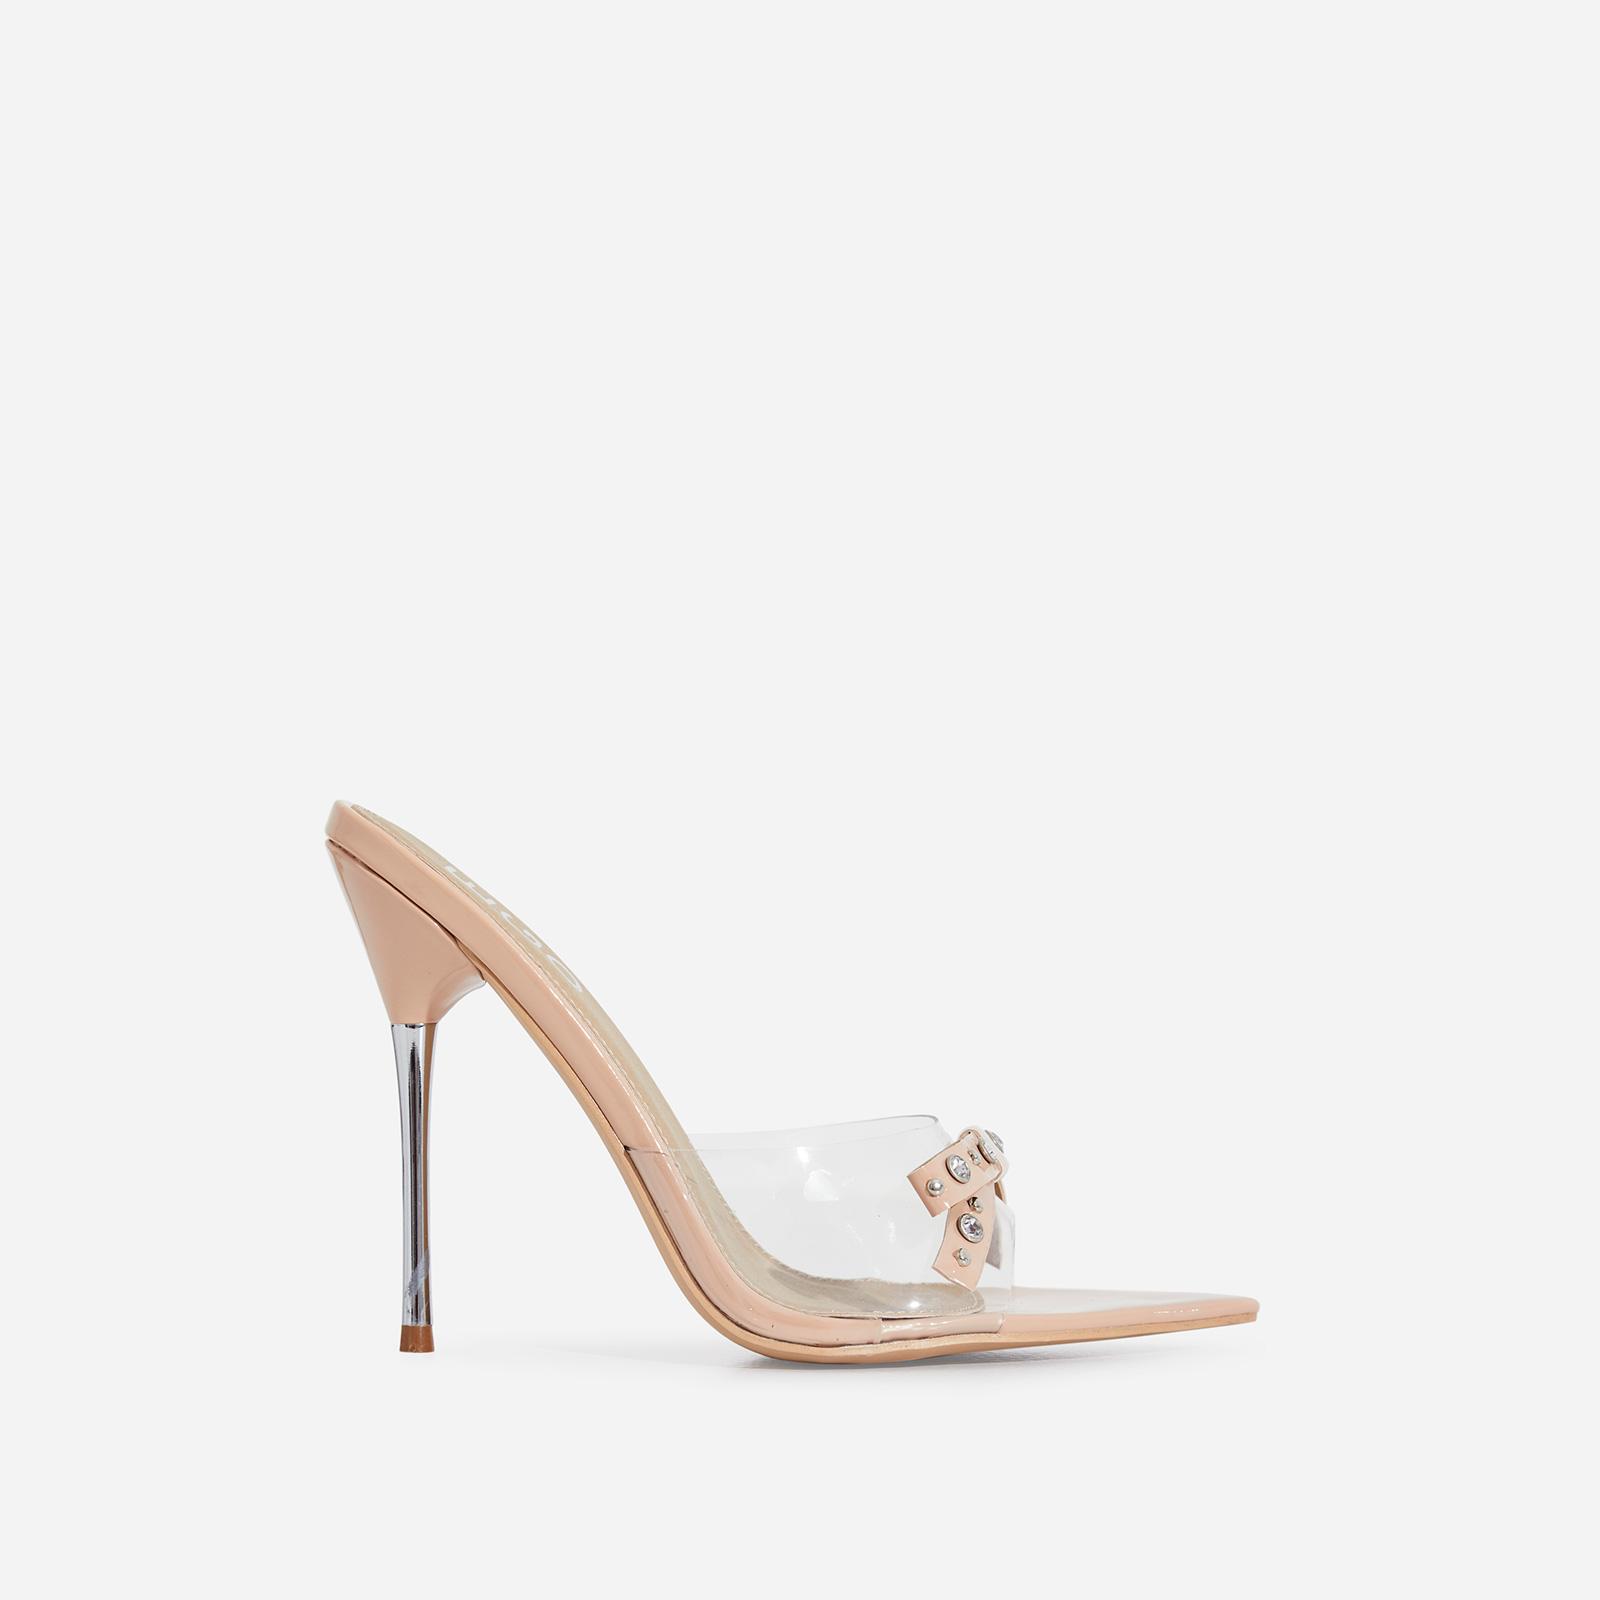 Gabb Studded Bow Detail Perspex Peep Toe Heel Mule In Nude Patent